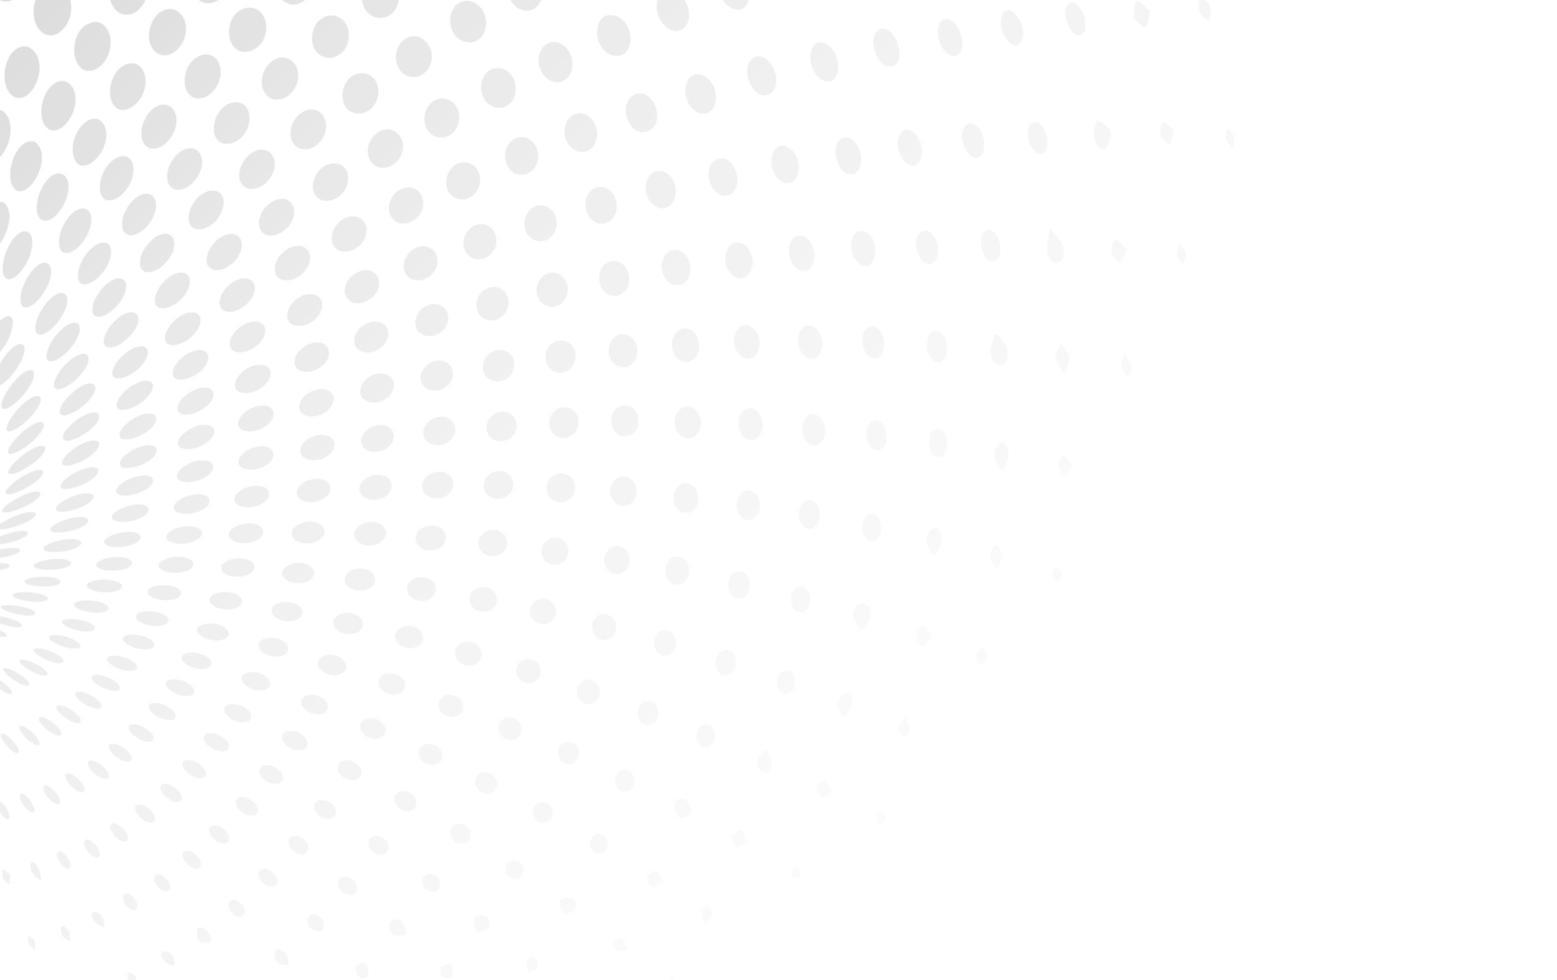 fondo geométrico blanco de semitono vector